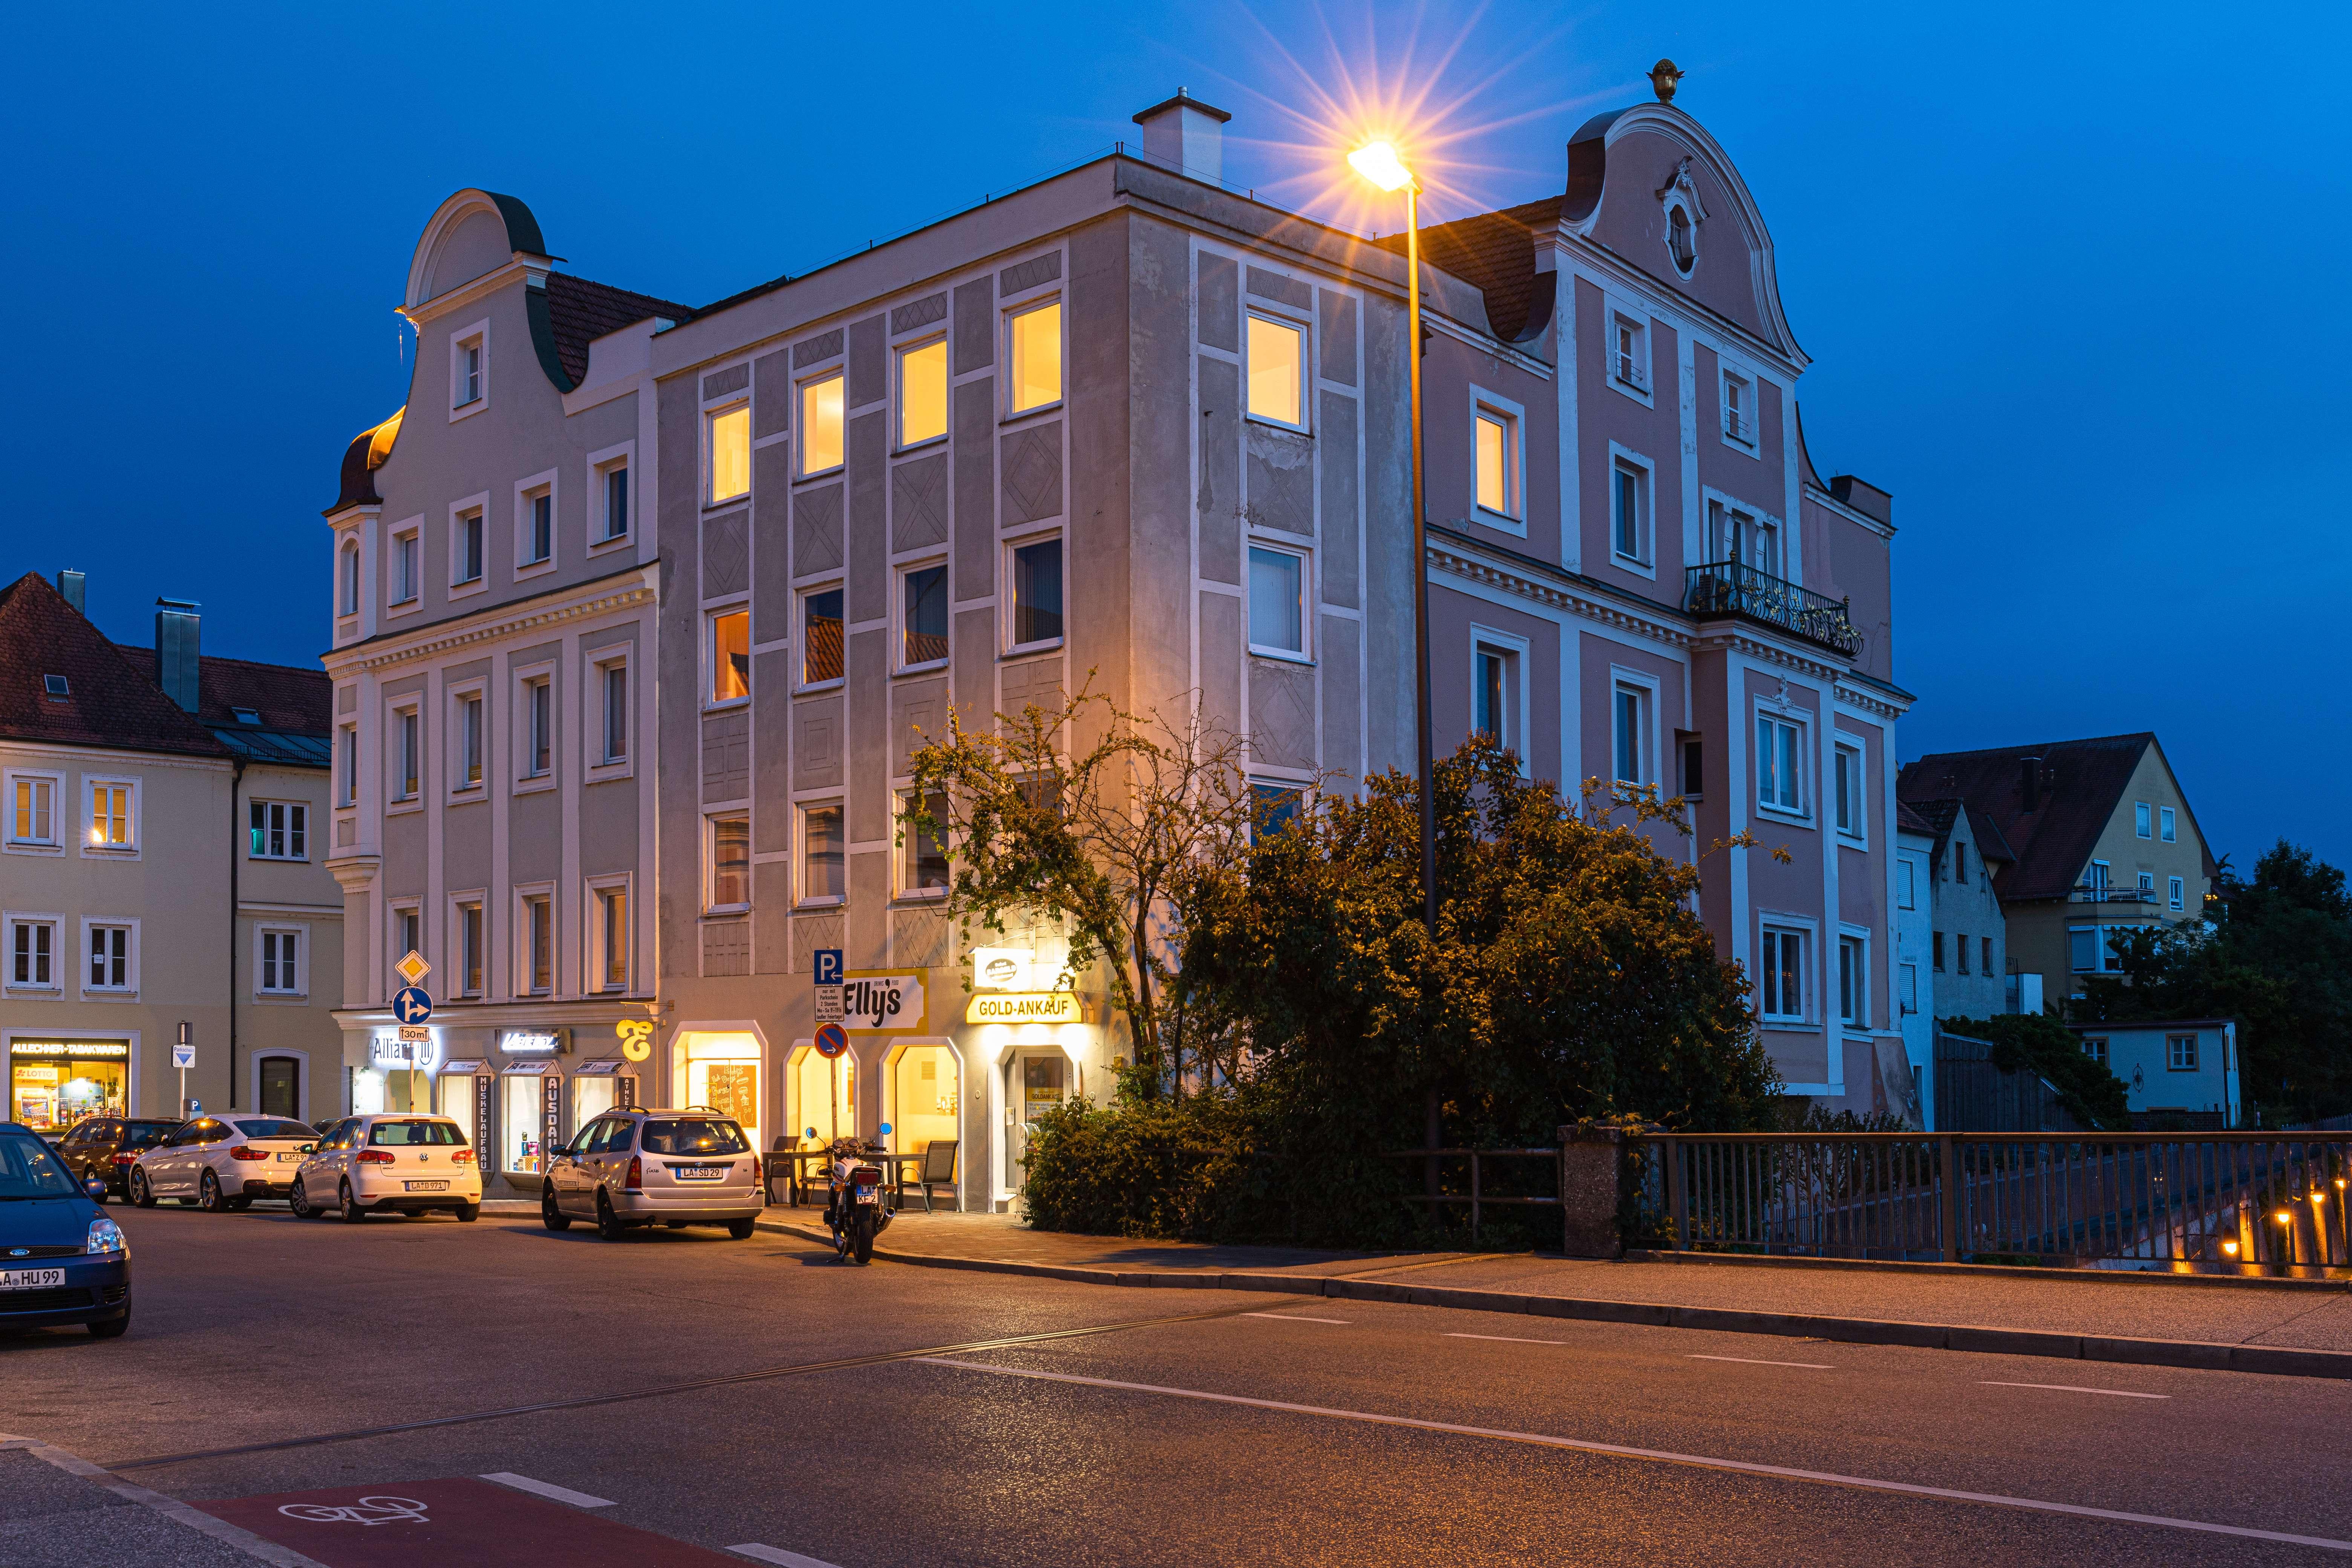 Pärchen-Wohnung/WG mit traumhaftem Ausblick und Isargarten in zentraler und ruhiger Altstadtnähe;